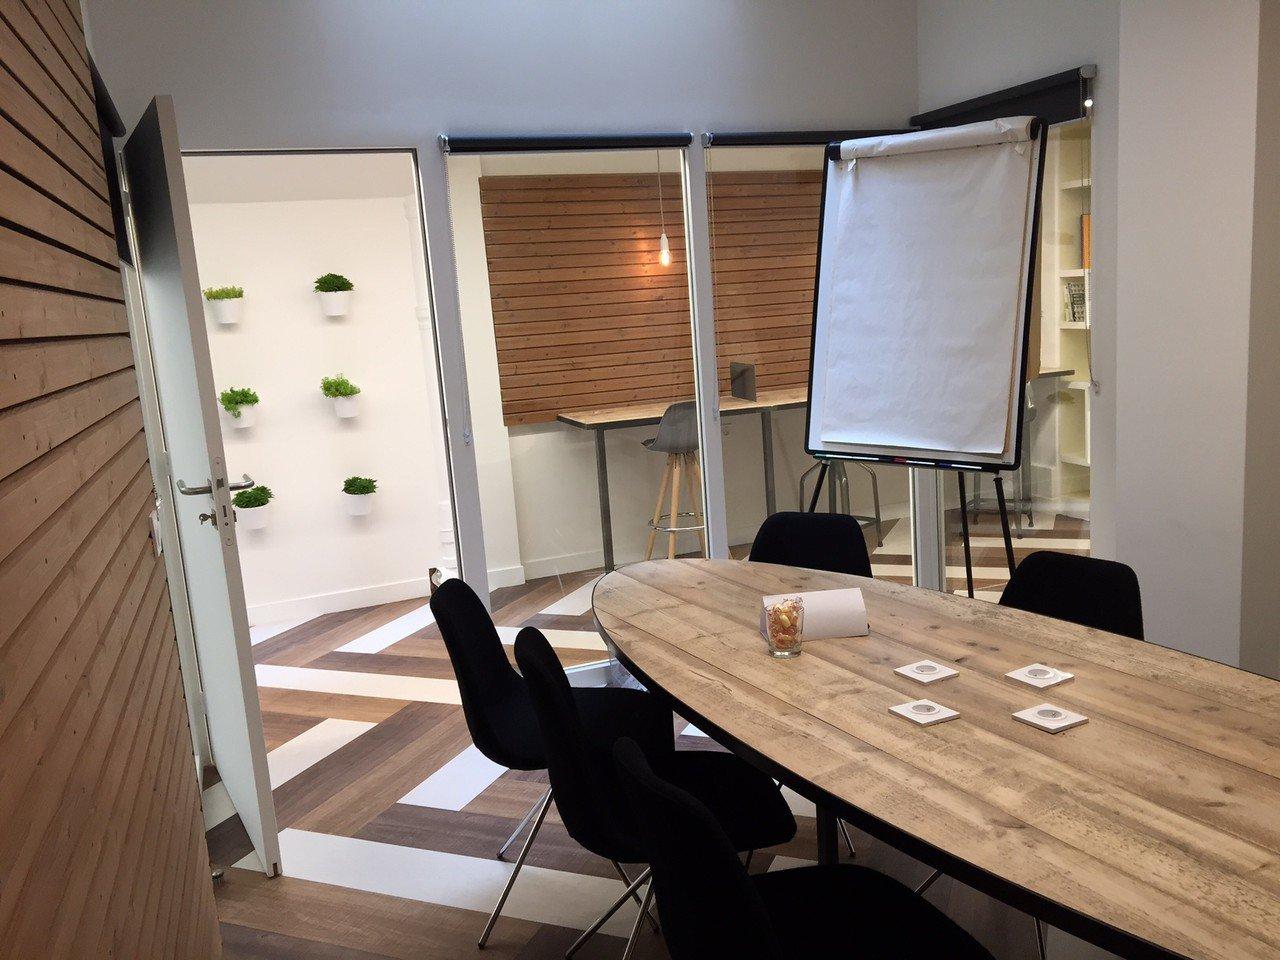 Paris training rooms Meetingraum Coworking Space 2 image 2